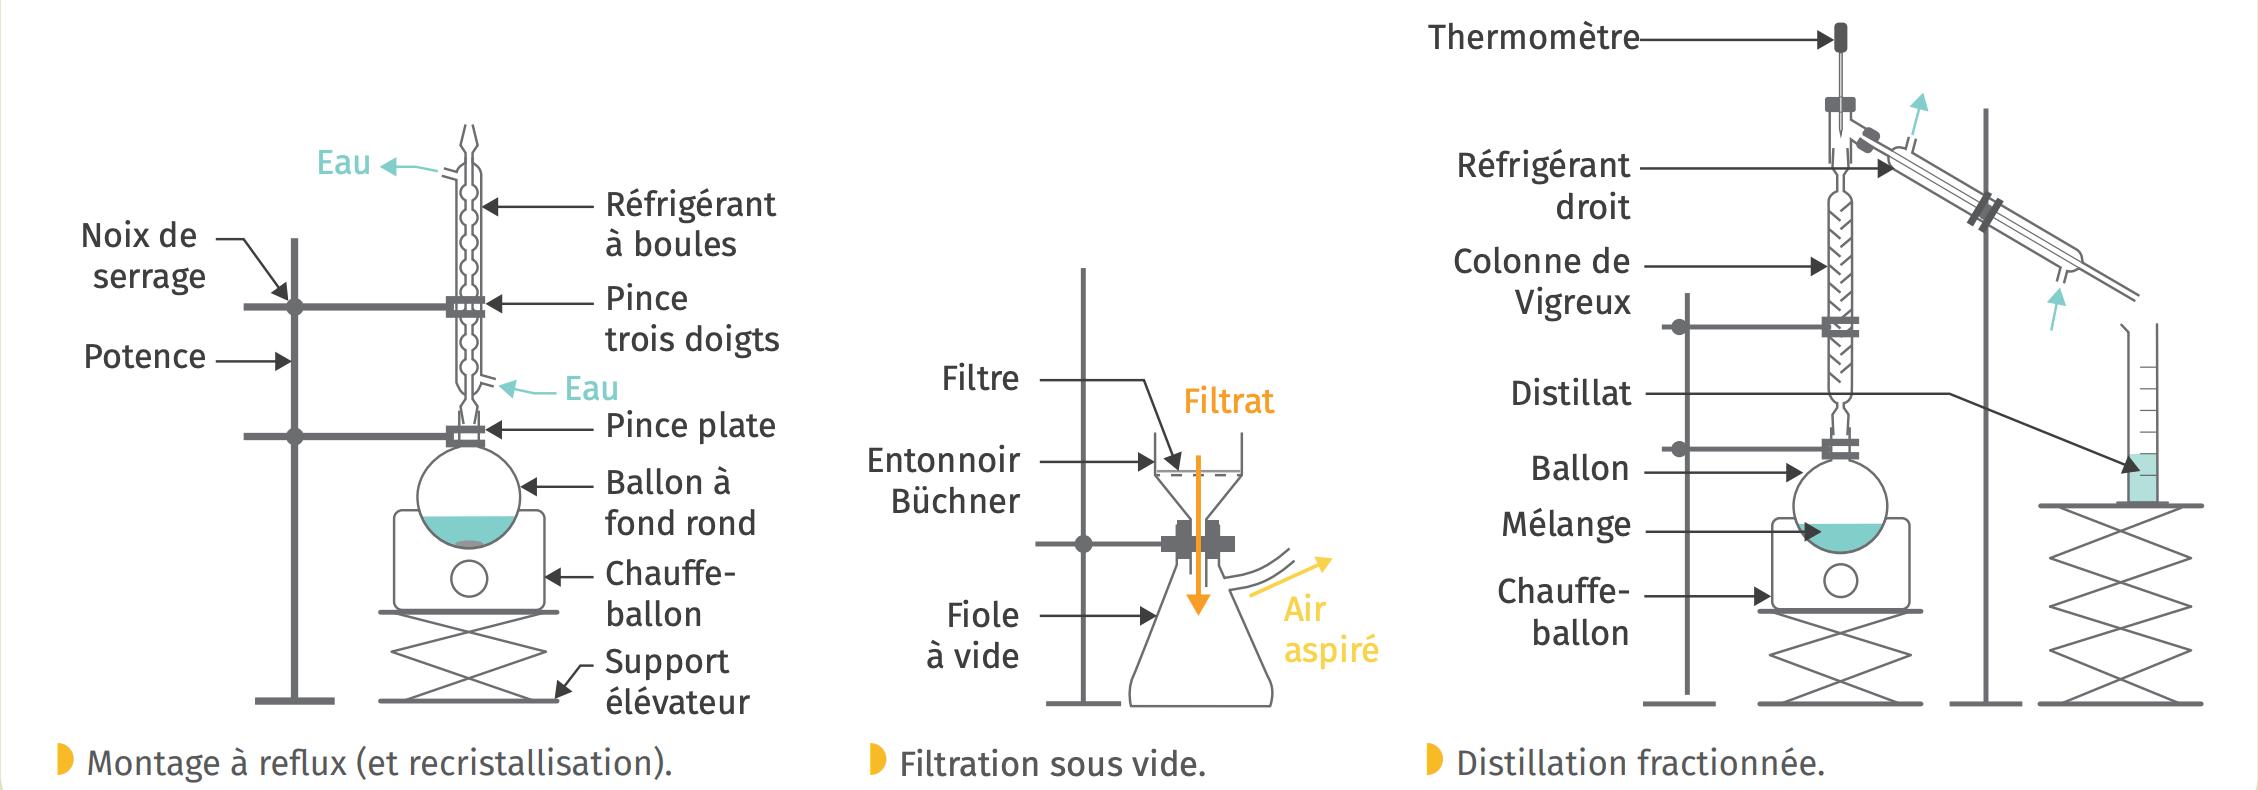 Schématisation des dispositifs expérimentaux